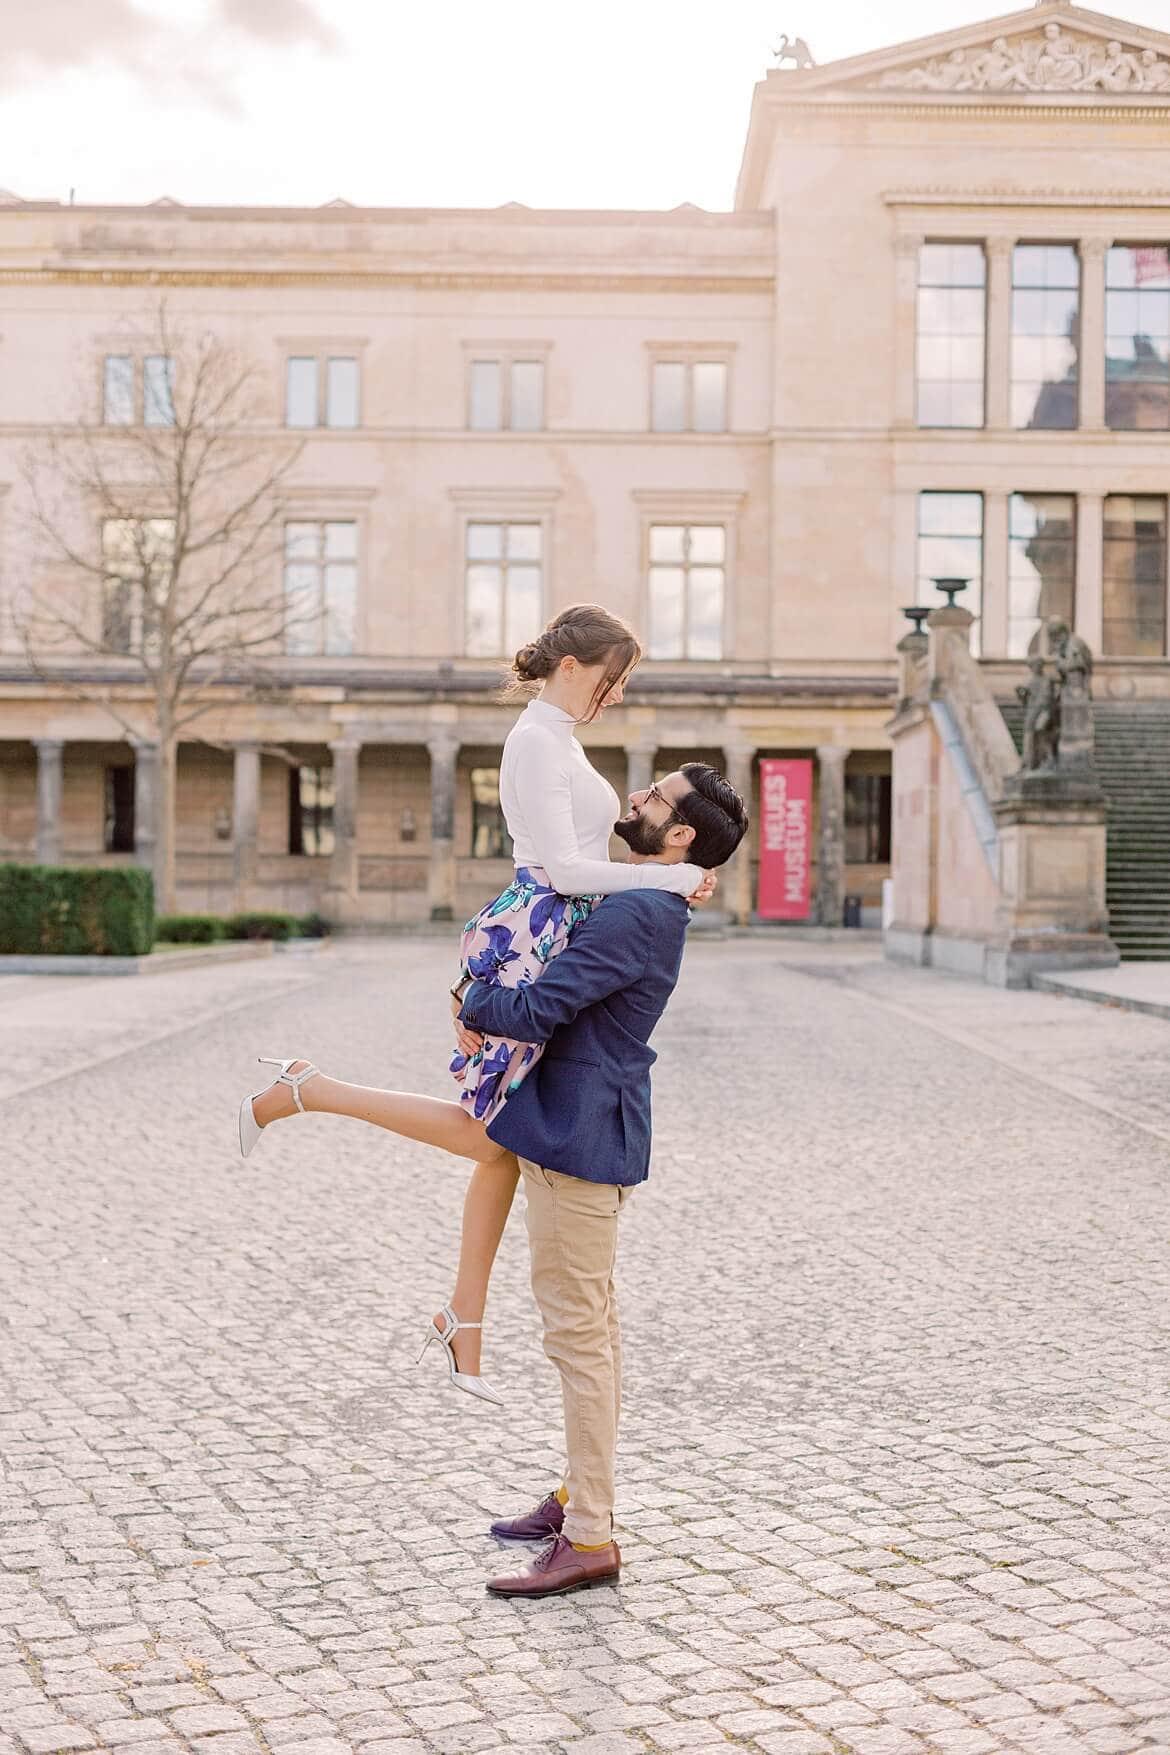 Mann hebt Frau in die Luft